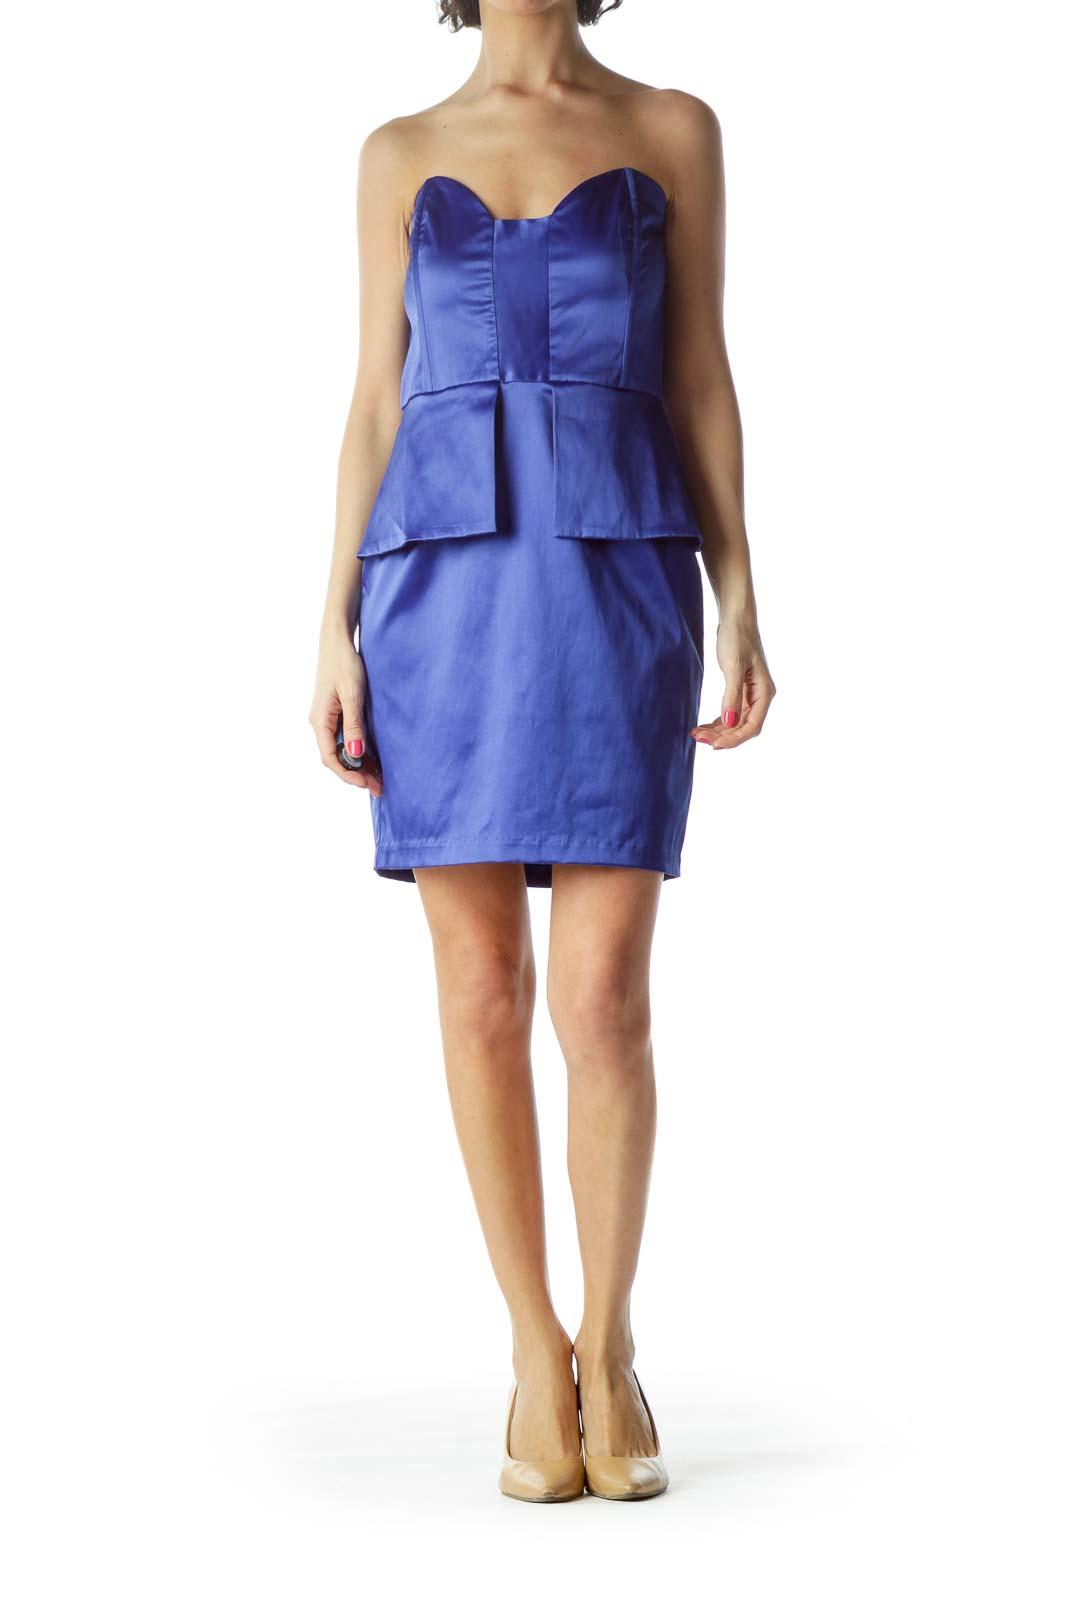 Blue Strapless Peplum Dress